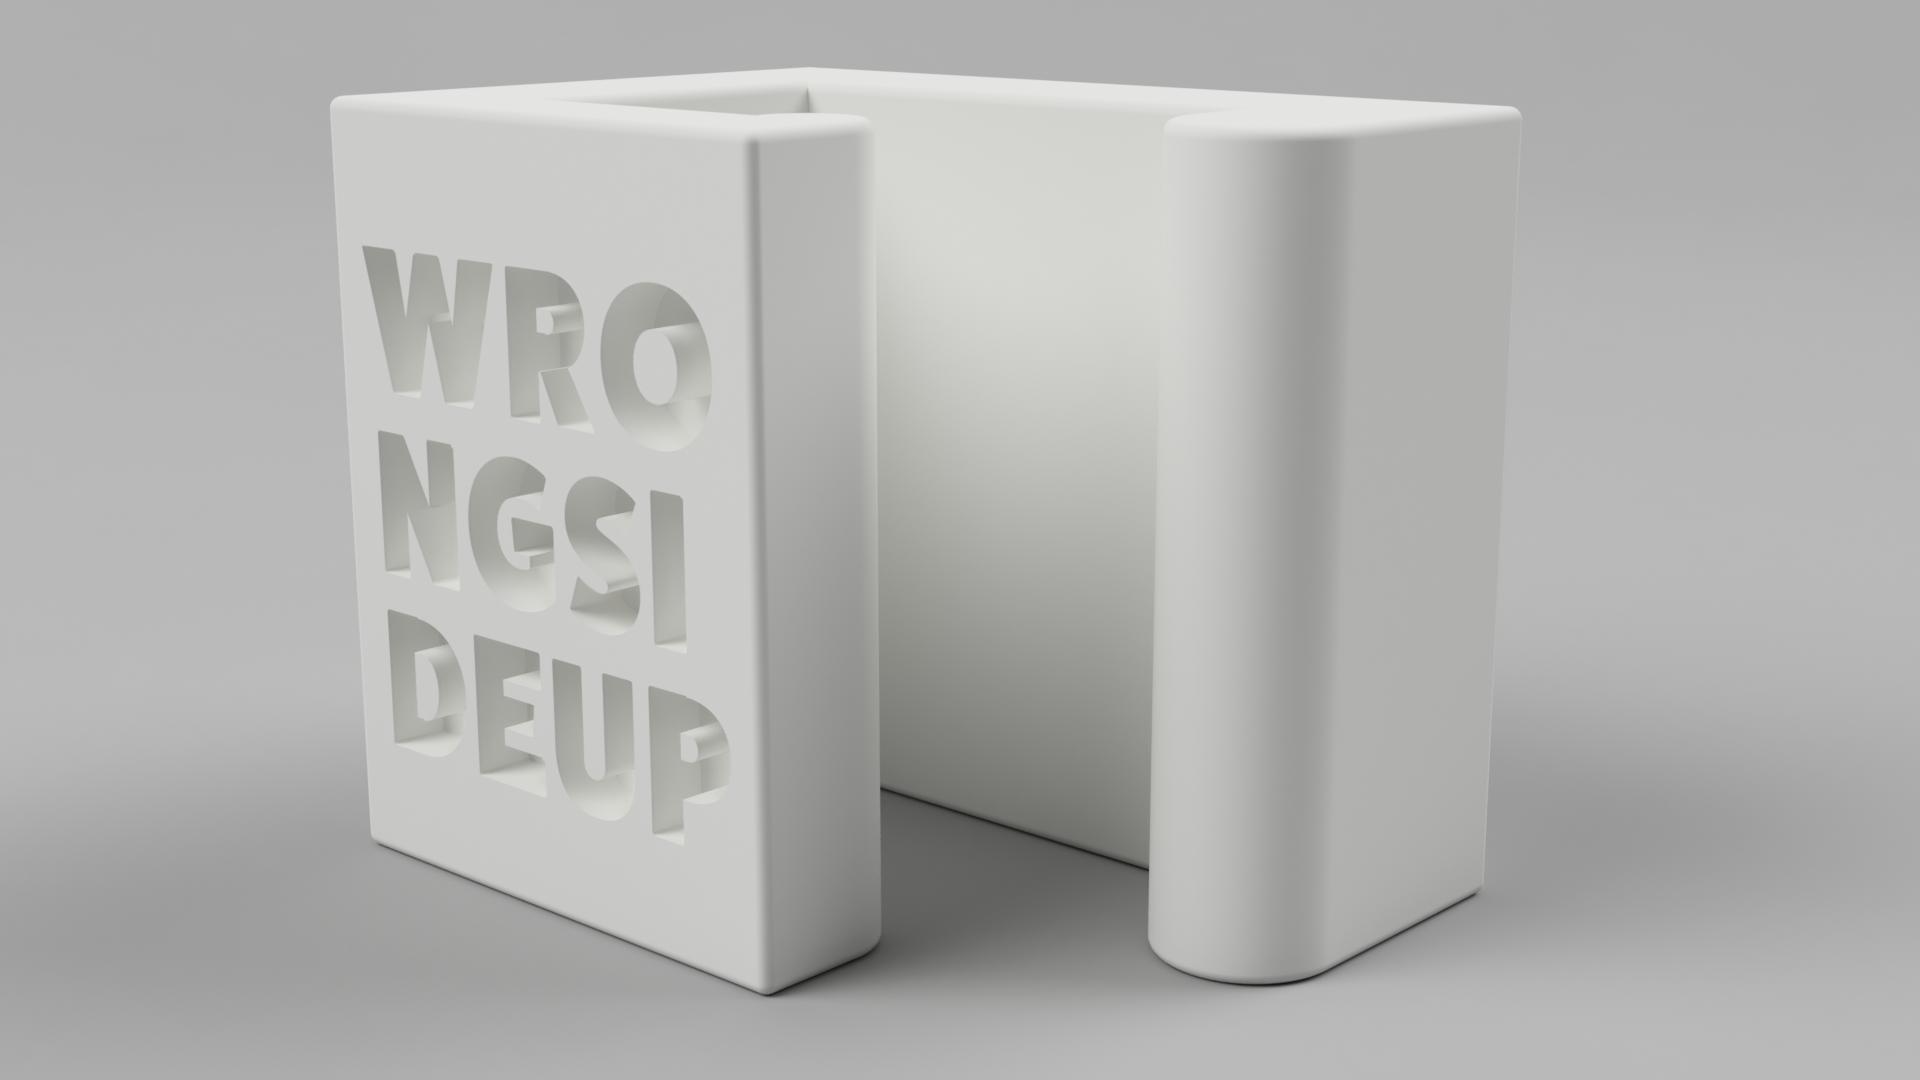 IKEA_box_clamp_2017-Jul-12_08-26-04AM-000_CustomizedView10889842292.png Télécharger fichier STL gratuit Pinces de couvercle SAMLA pour conteneurs IKEA • Design à imprimer en 3D, Wilko